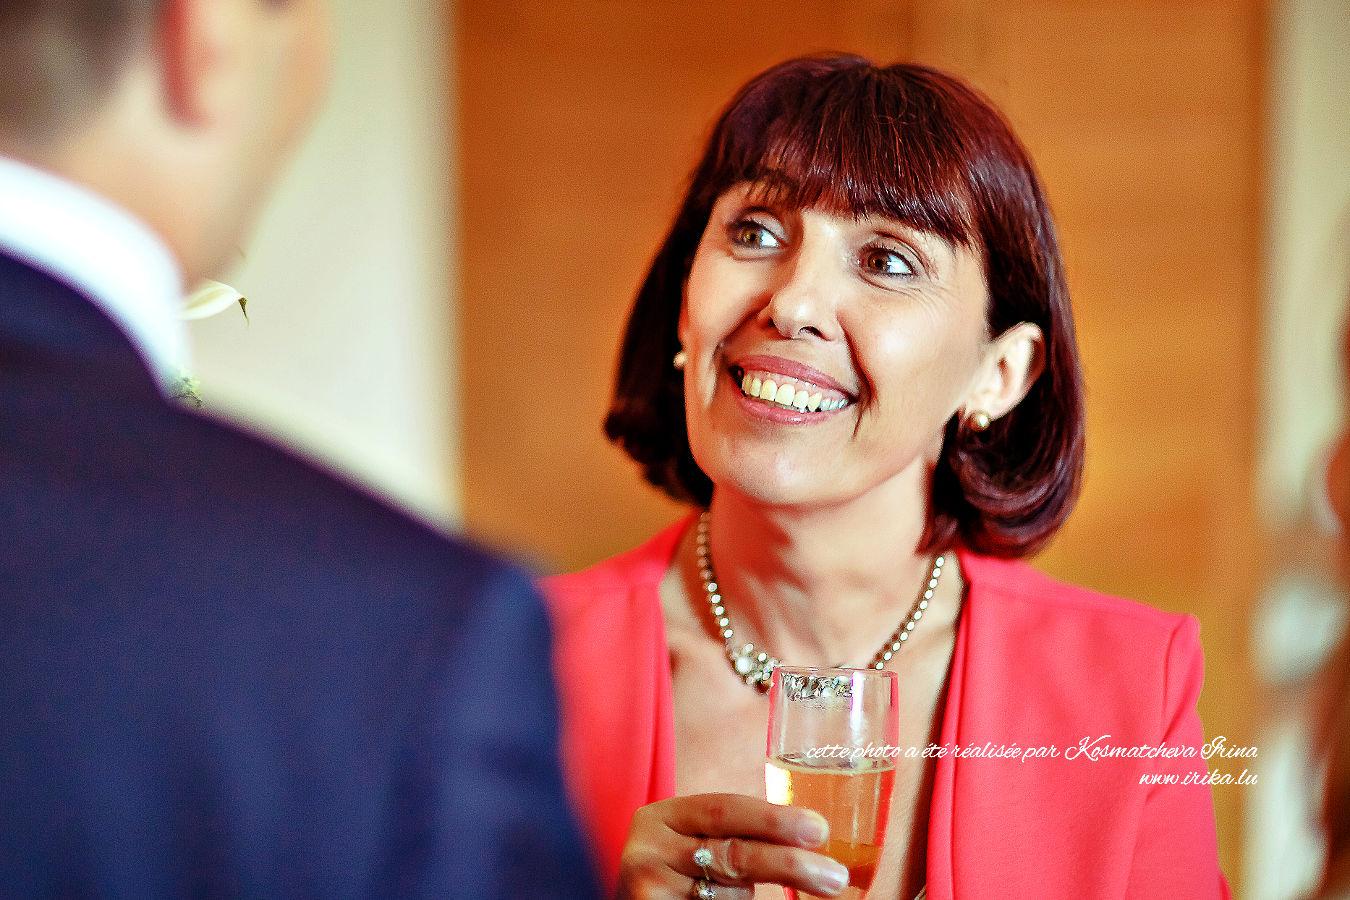 Sourire de la femme en rouge